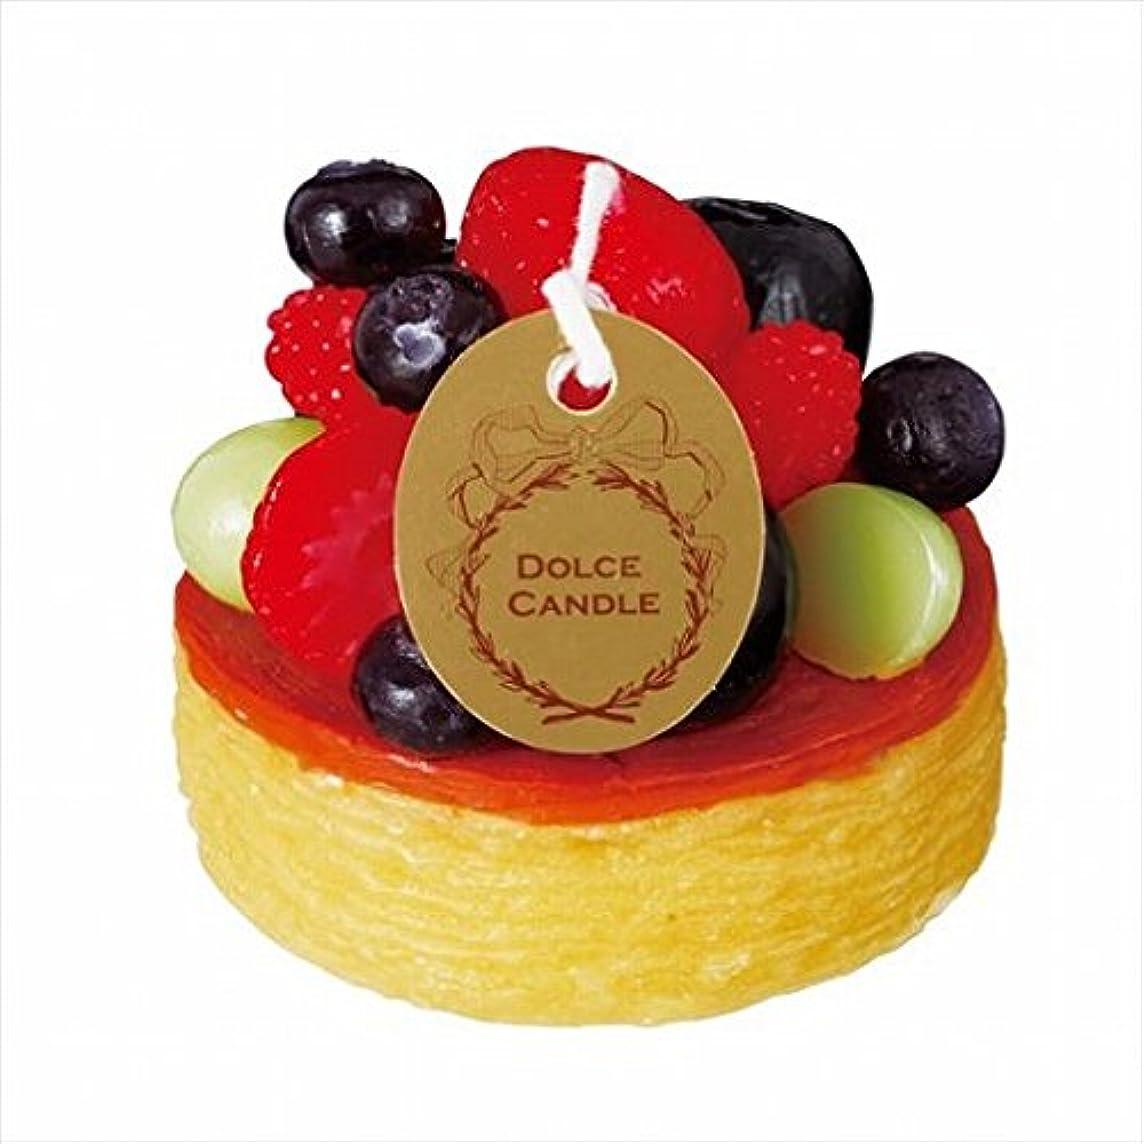 ワインストラトフォードオンエイボン純粋にスイーツキャンドル( sweets candle ) ドルチェキャンドル 「 フルーツタルト 」